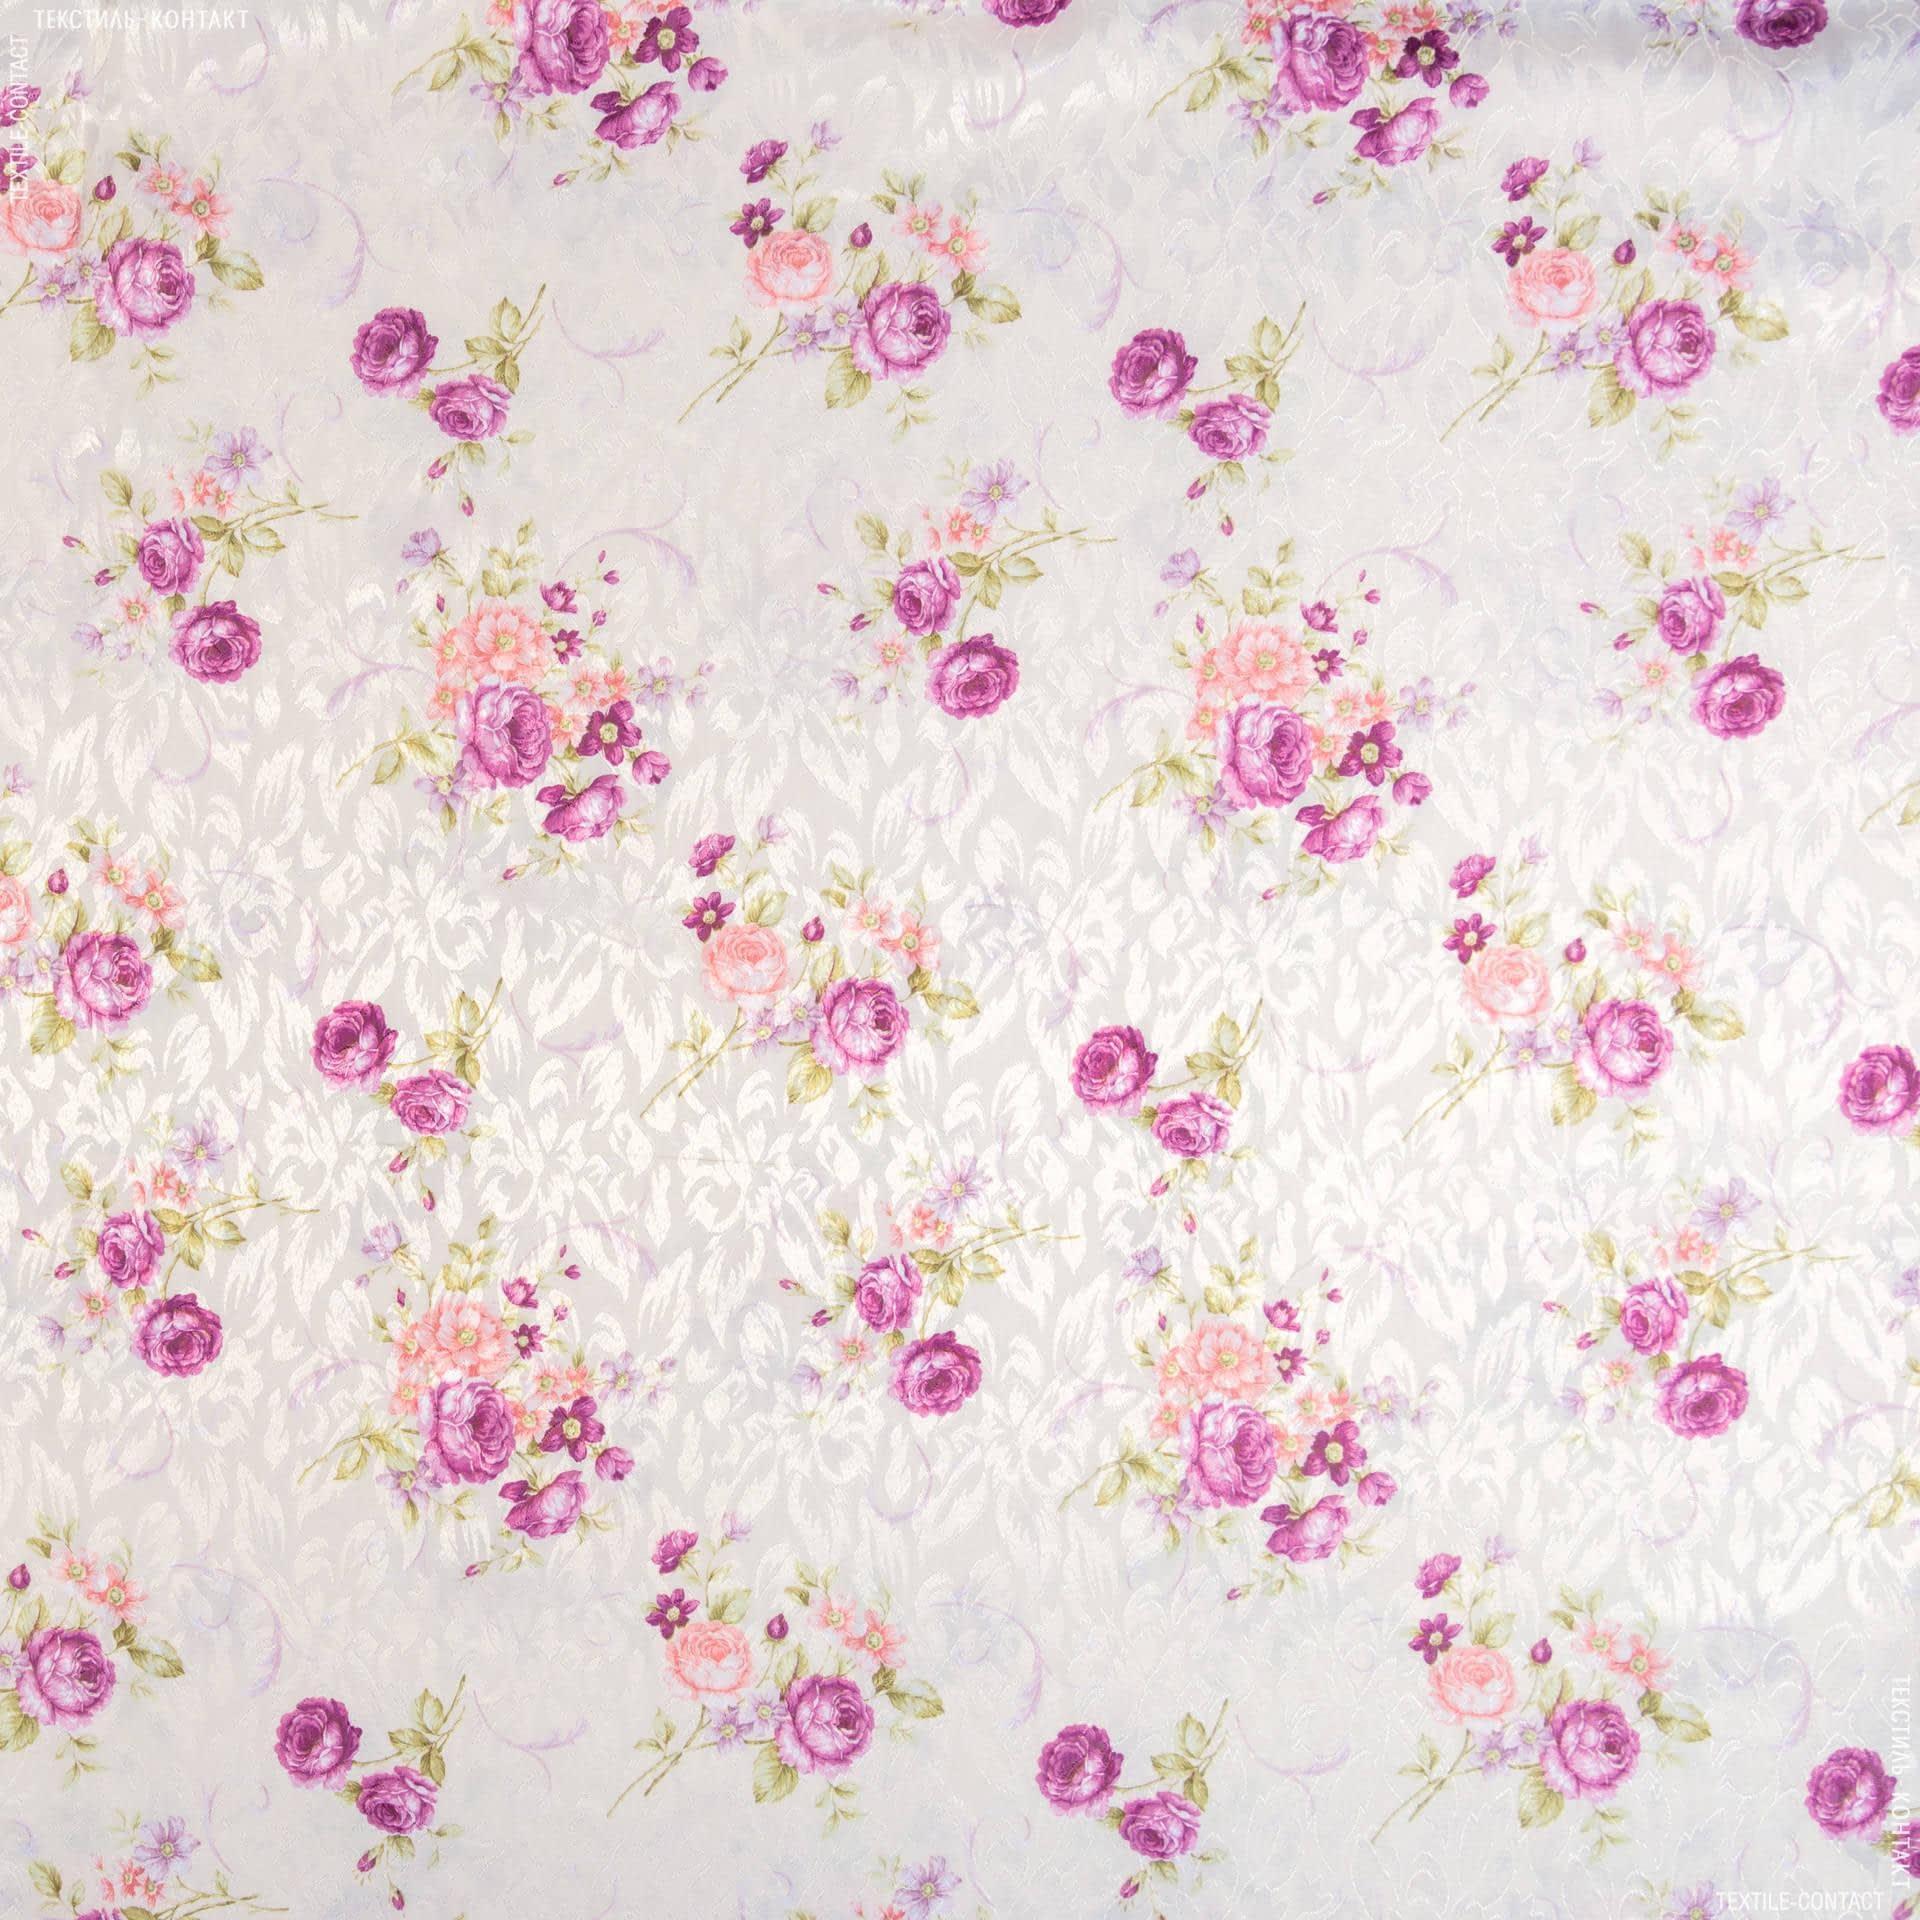 Ткани гардинные ткани - Декоративная ткань сатен принт  розы сирень